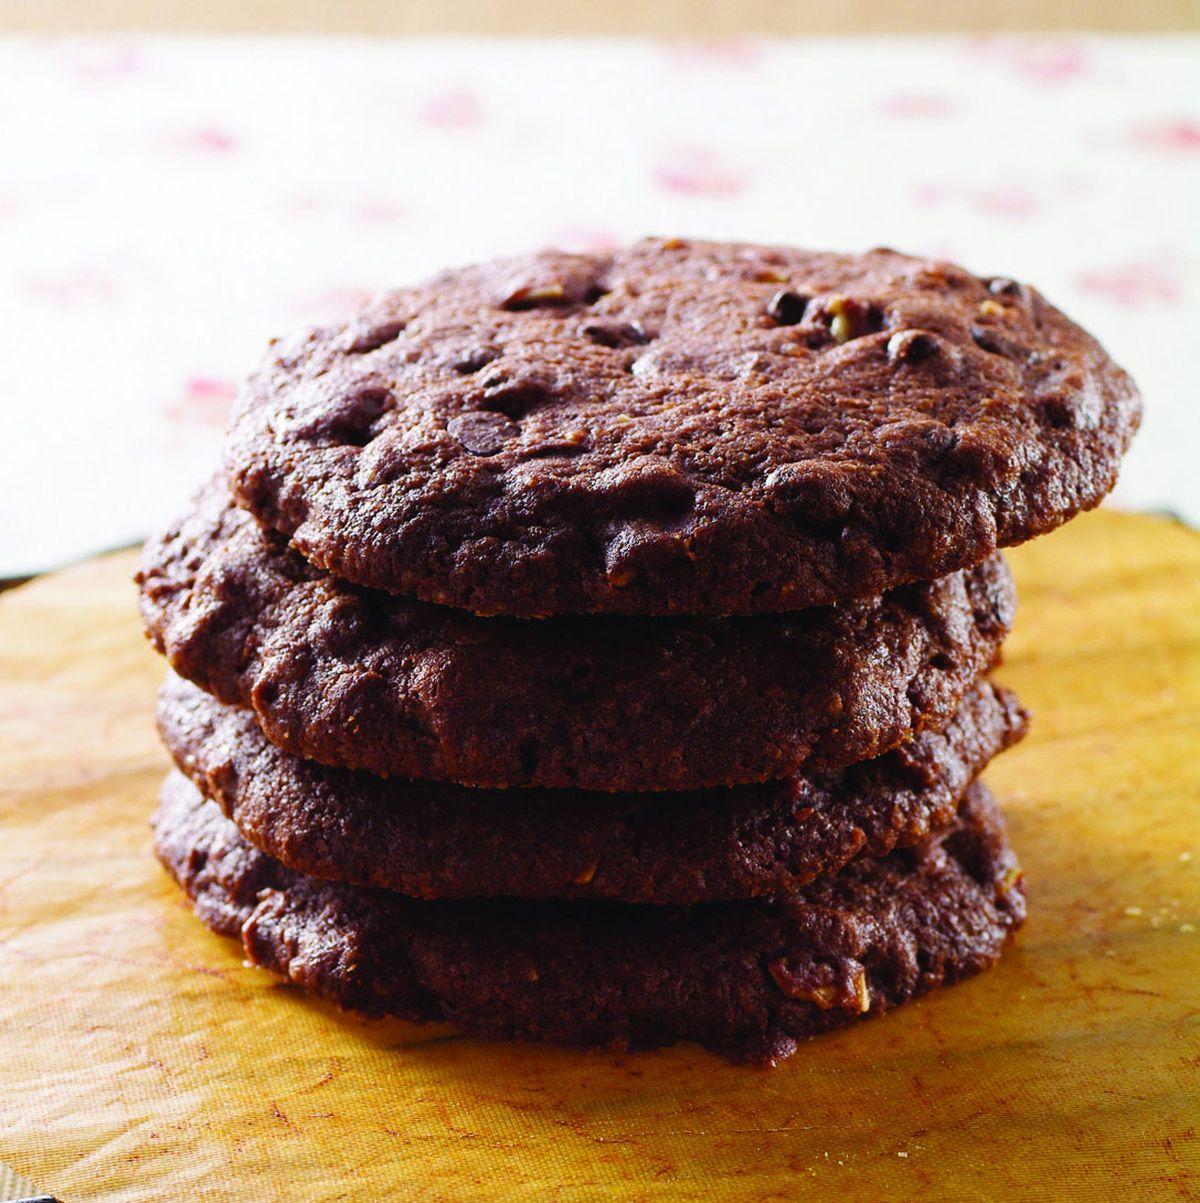 食譜:經典巧克力餅乾